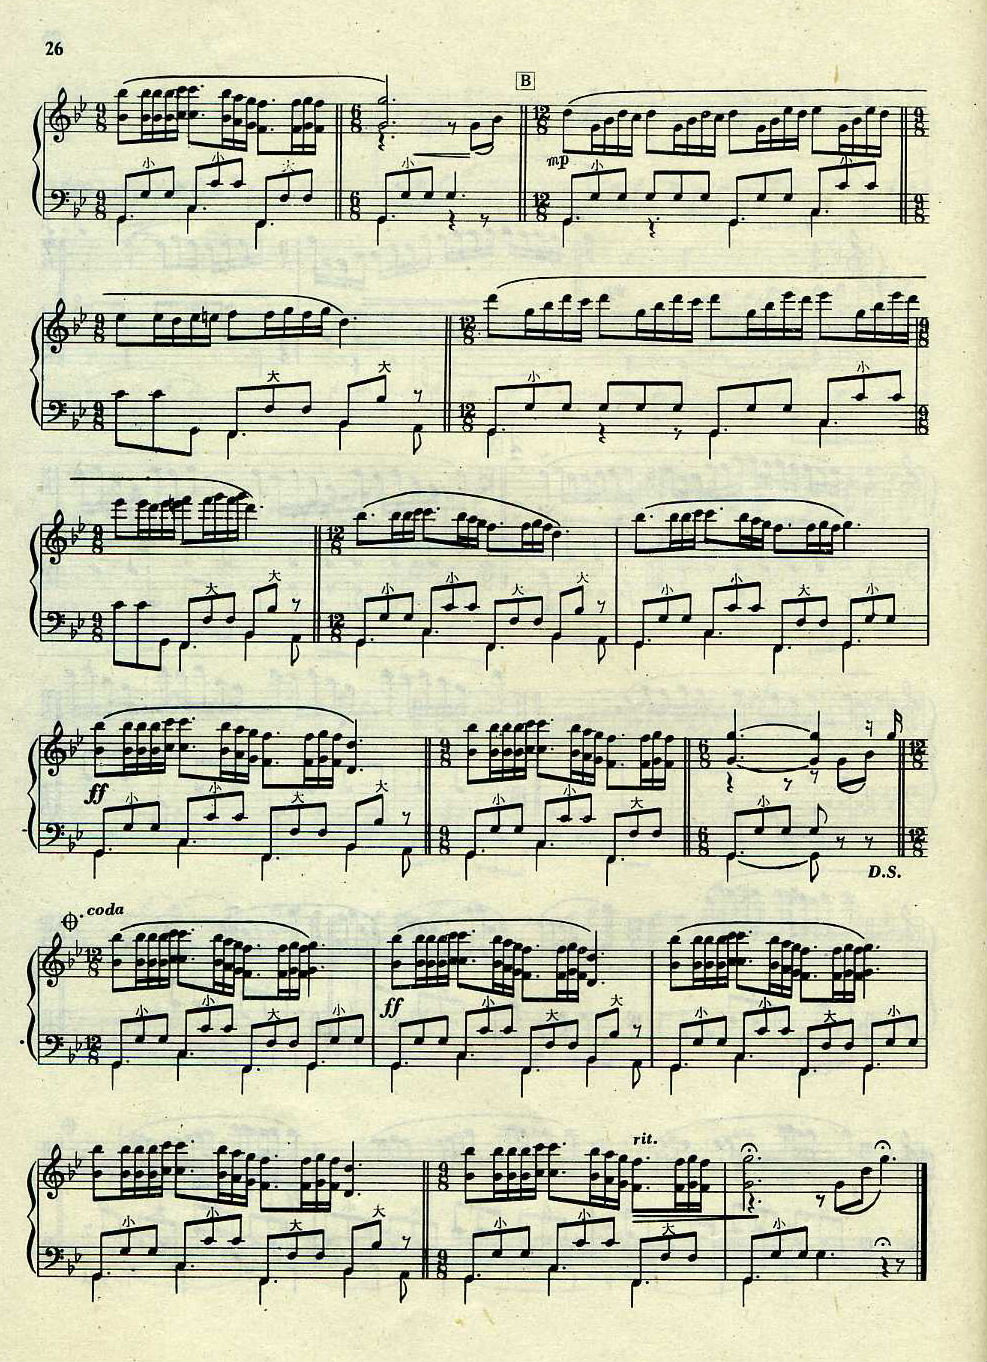 梦中的婚礼钢琴简谱,钢琴乐谱梦中的婚礼,梦中的婚礼钢琴图片